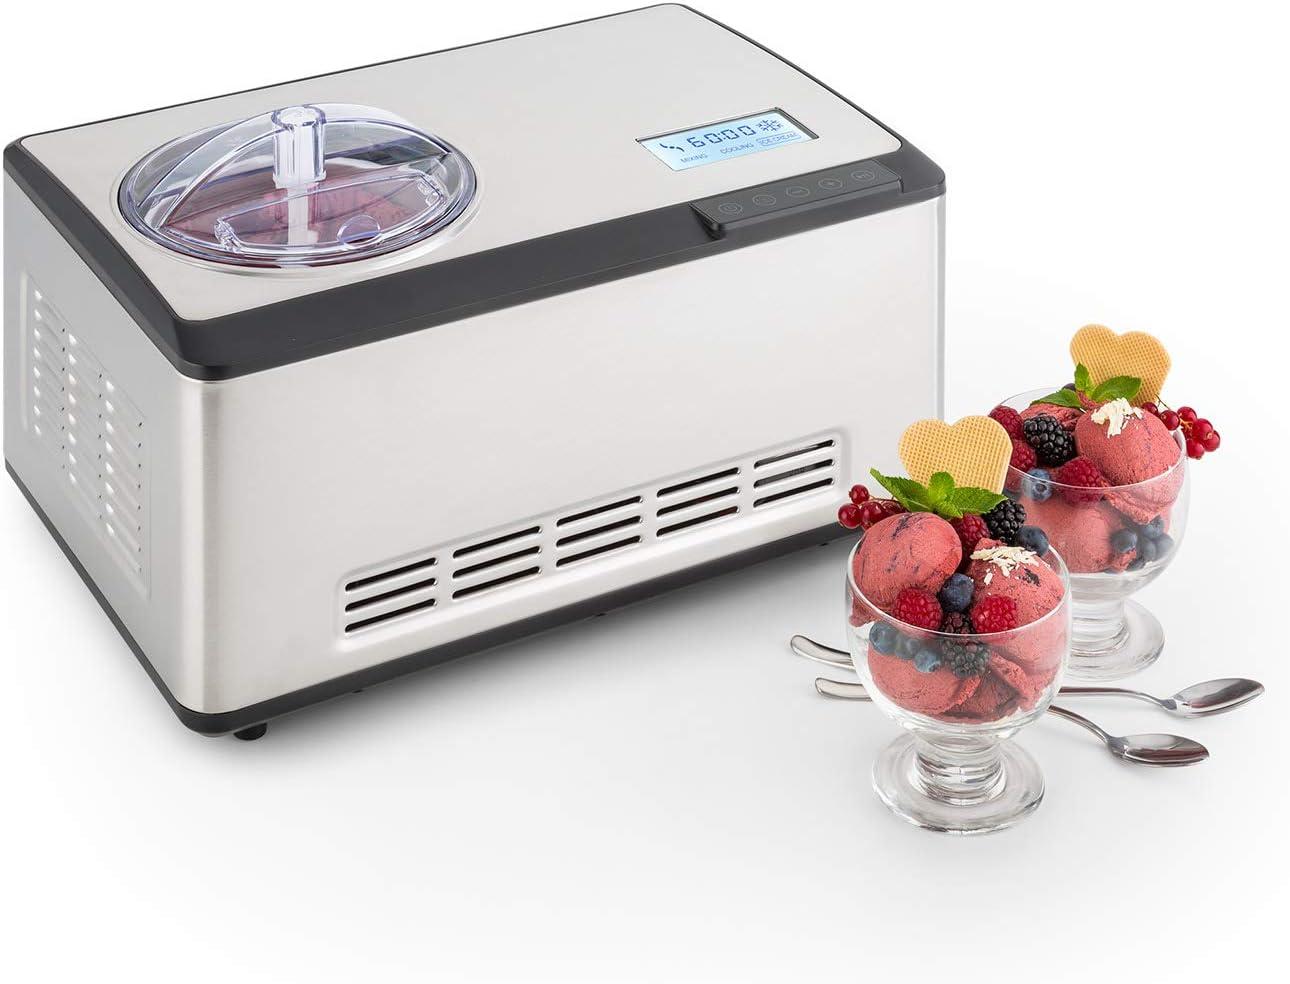 Klarstein Dolce Bacio Heladera /• M/áquina para hacer helado /• Heladera de compresi/ón /• Helados yogures /• Envase t/érmico de 2L /• Pantalla LCD t/áctil /• Temporizador /• Acero inoxidable /& sorbetes